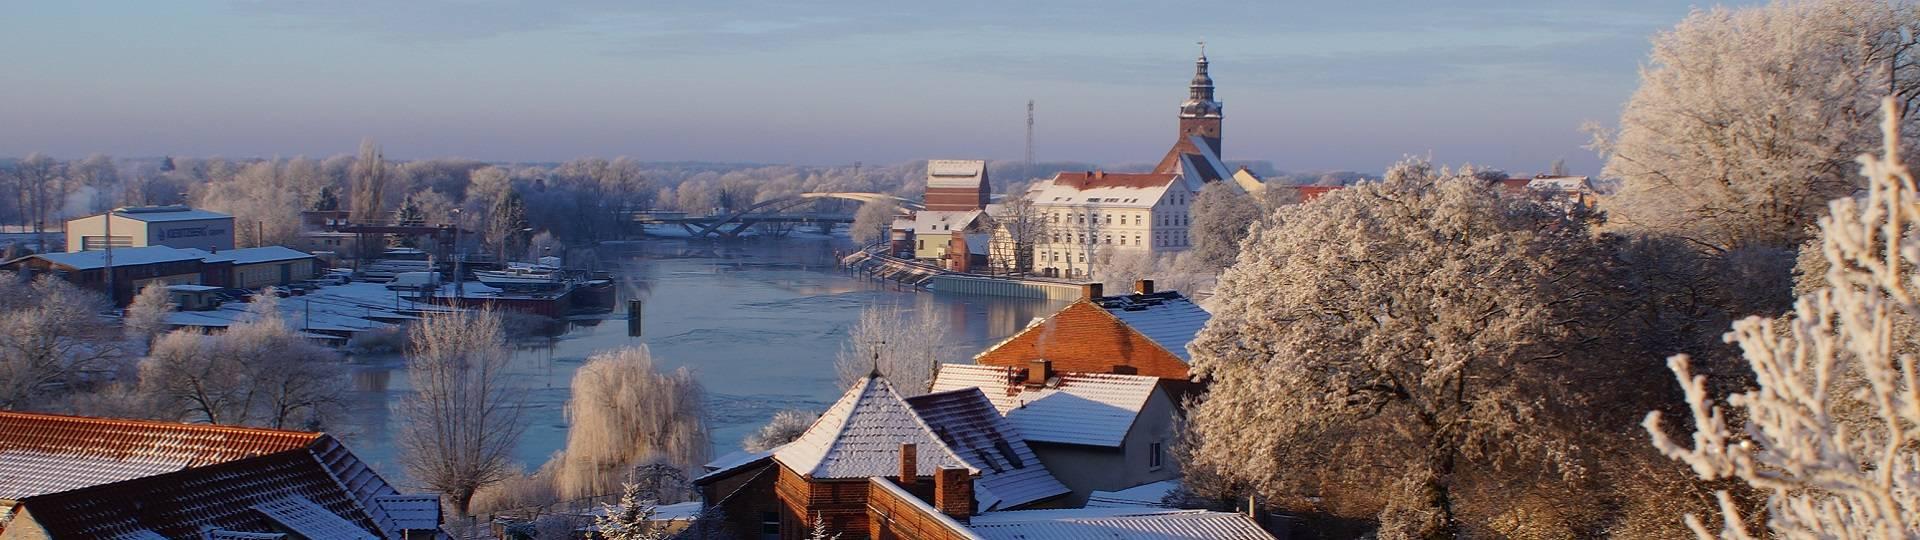 Winter Werft Brücke Kirche